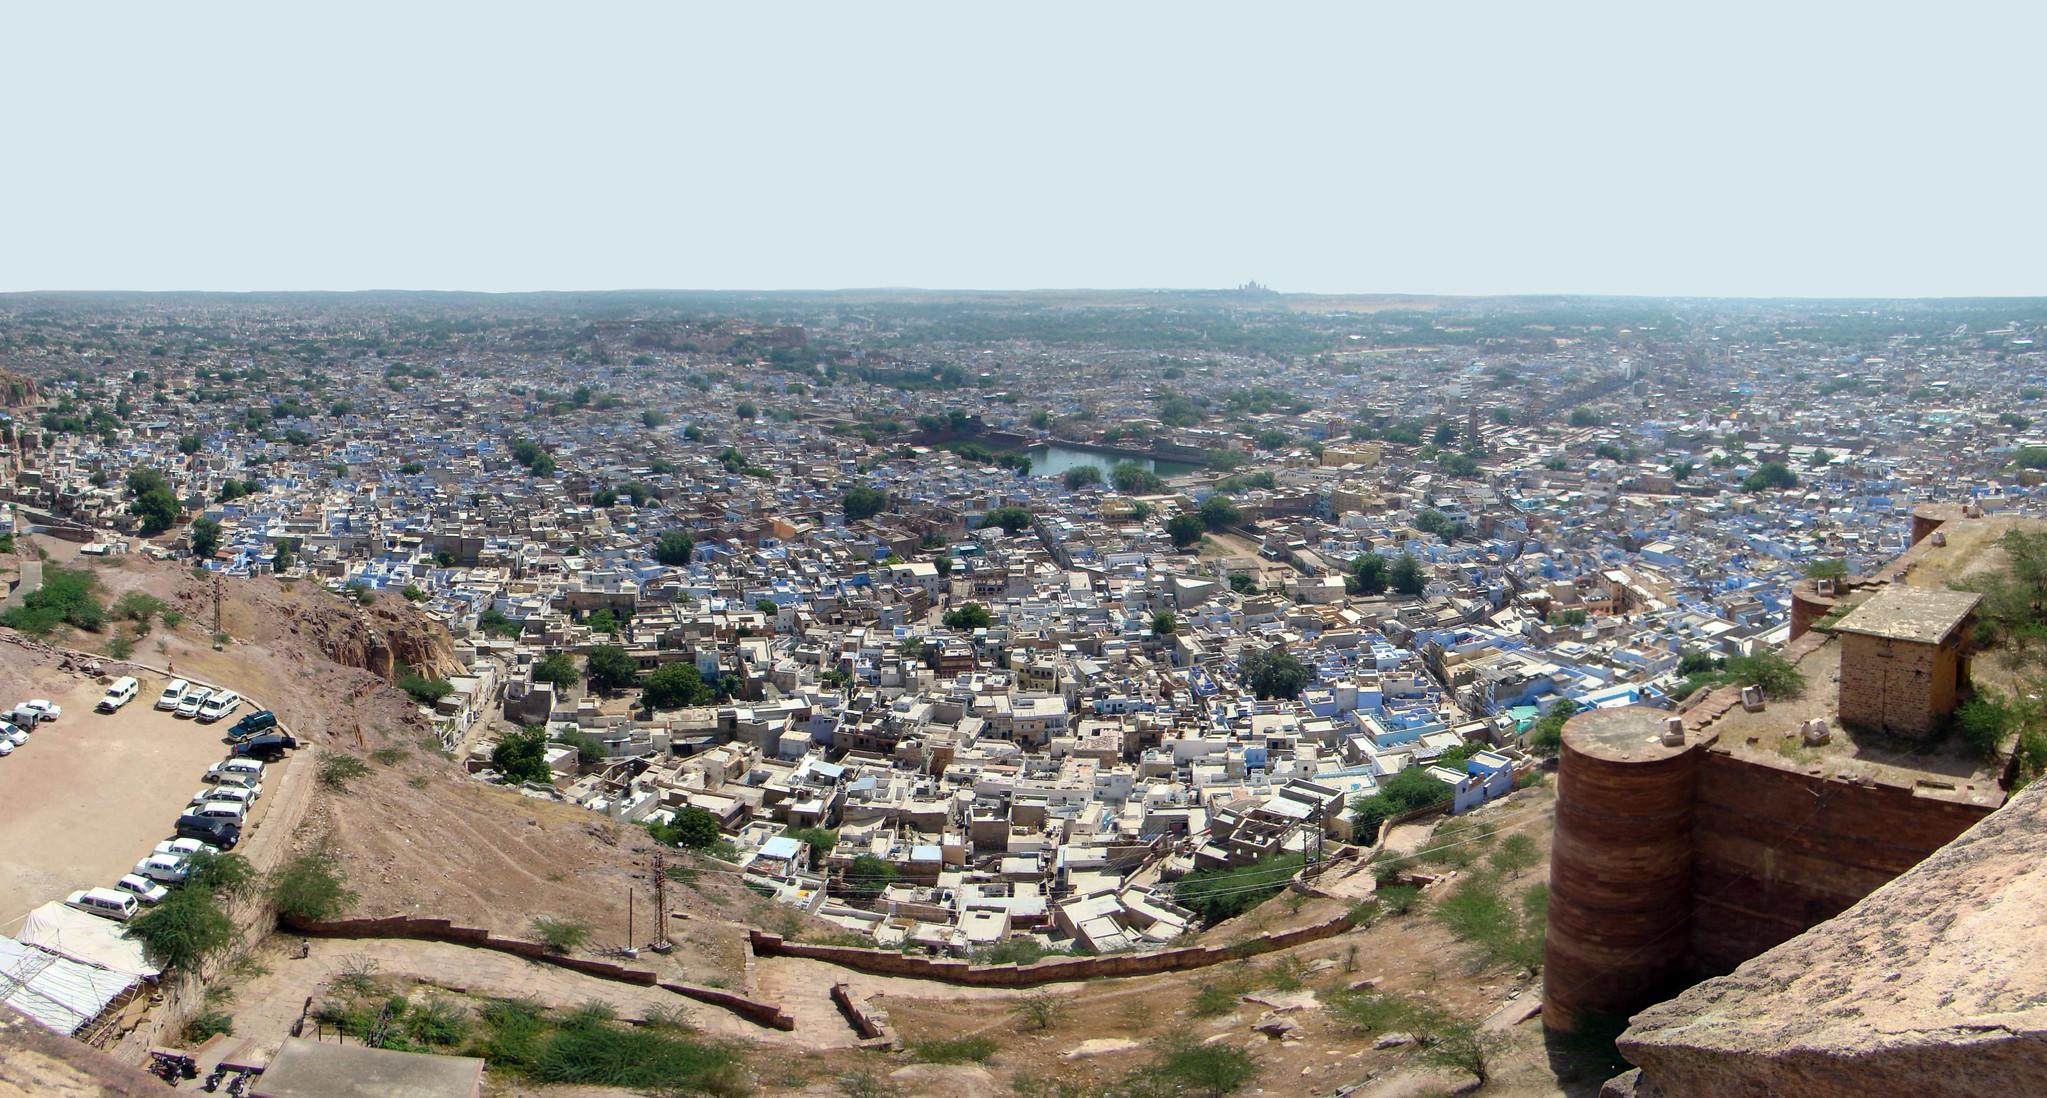 vista de Jodhpur la ciudad azul del Rajasthan desde Fuerte Mehrangarh India